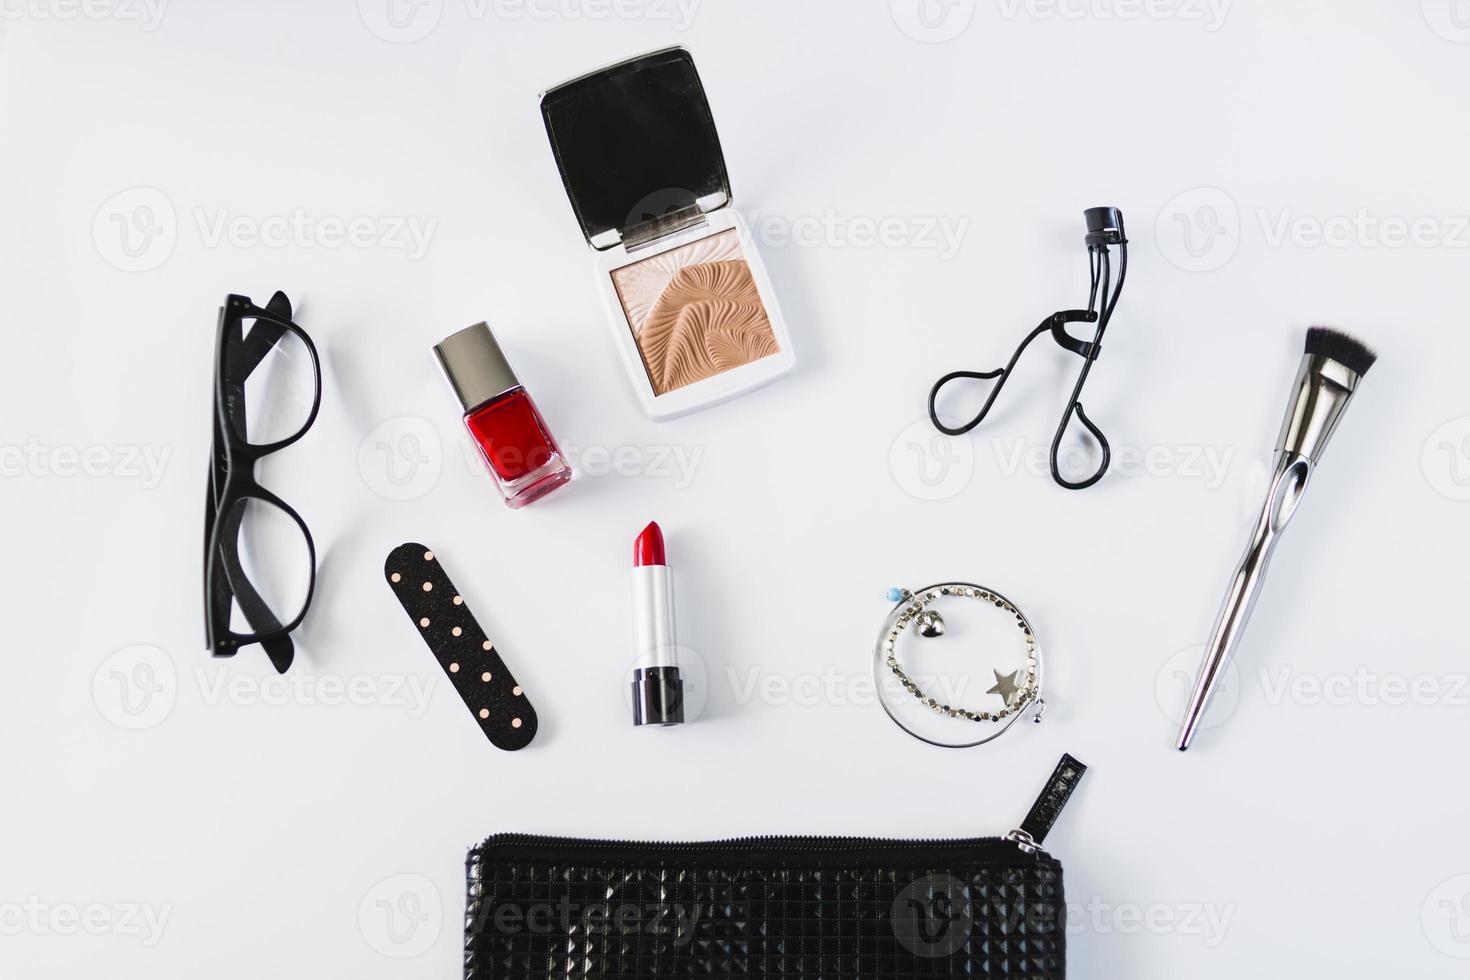 Brillen und Kosmetik nahe stilvoller Schminktasche auf weißem Hintergrund foto